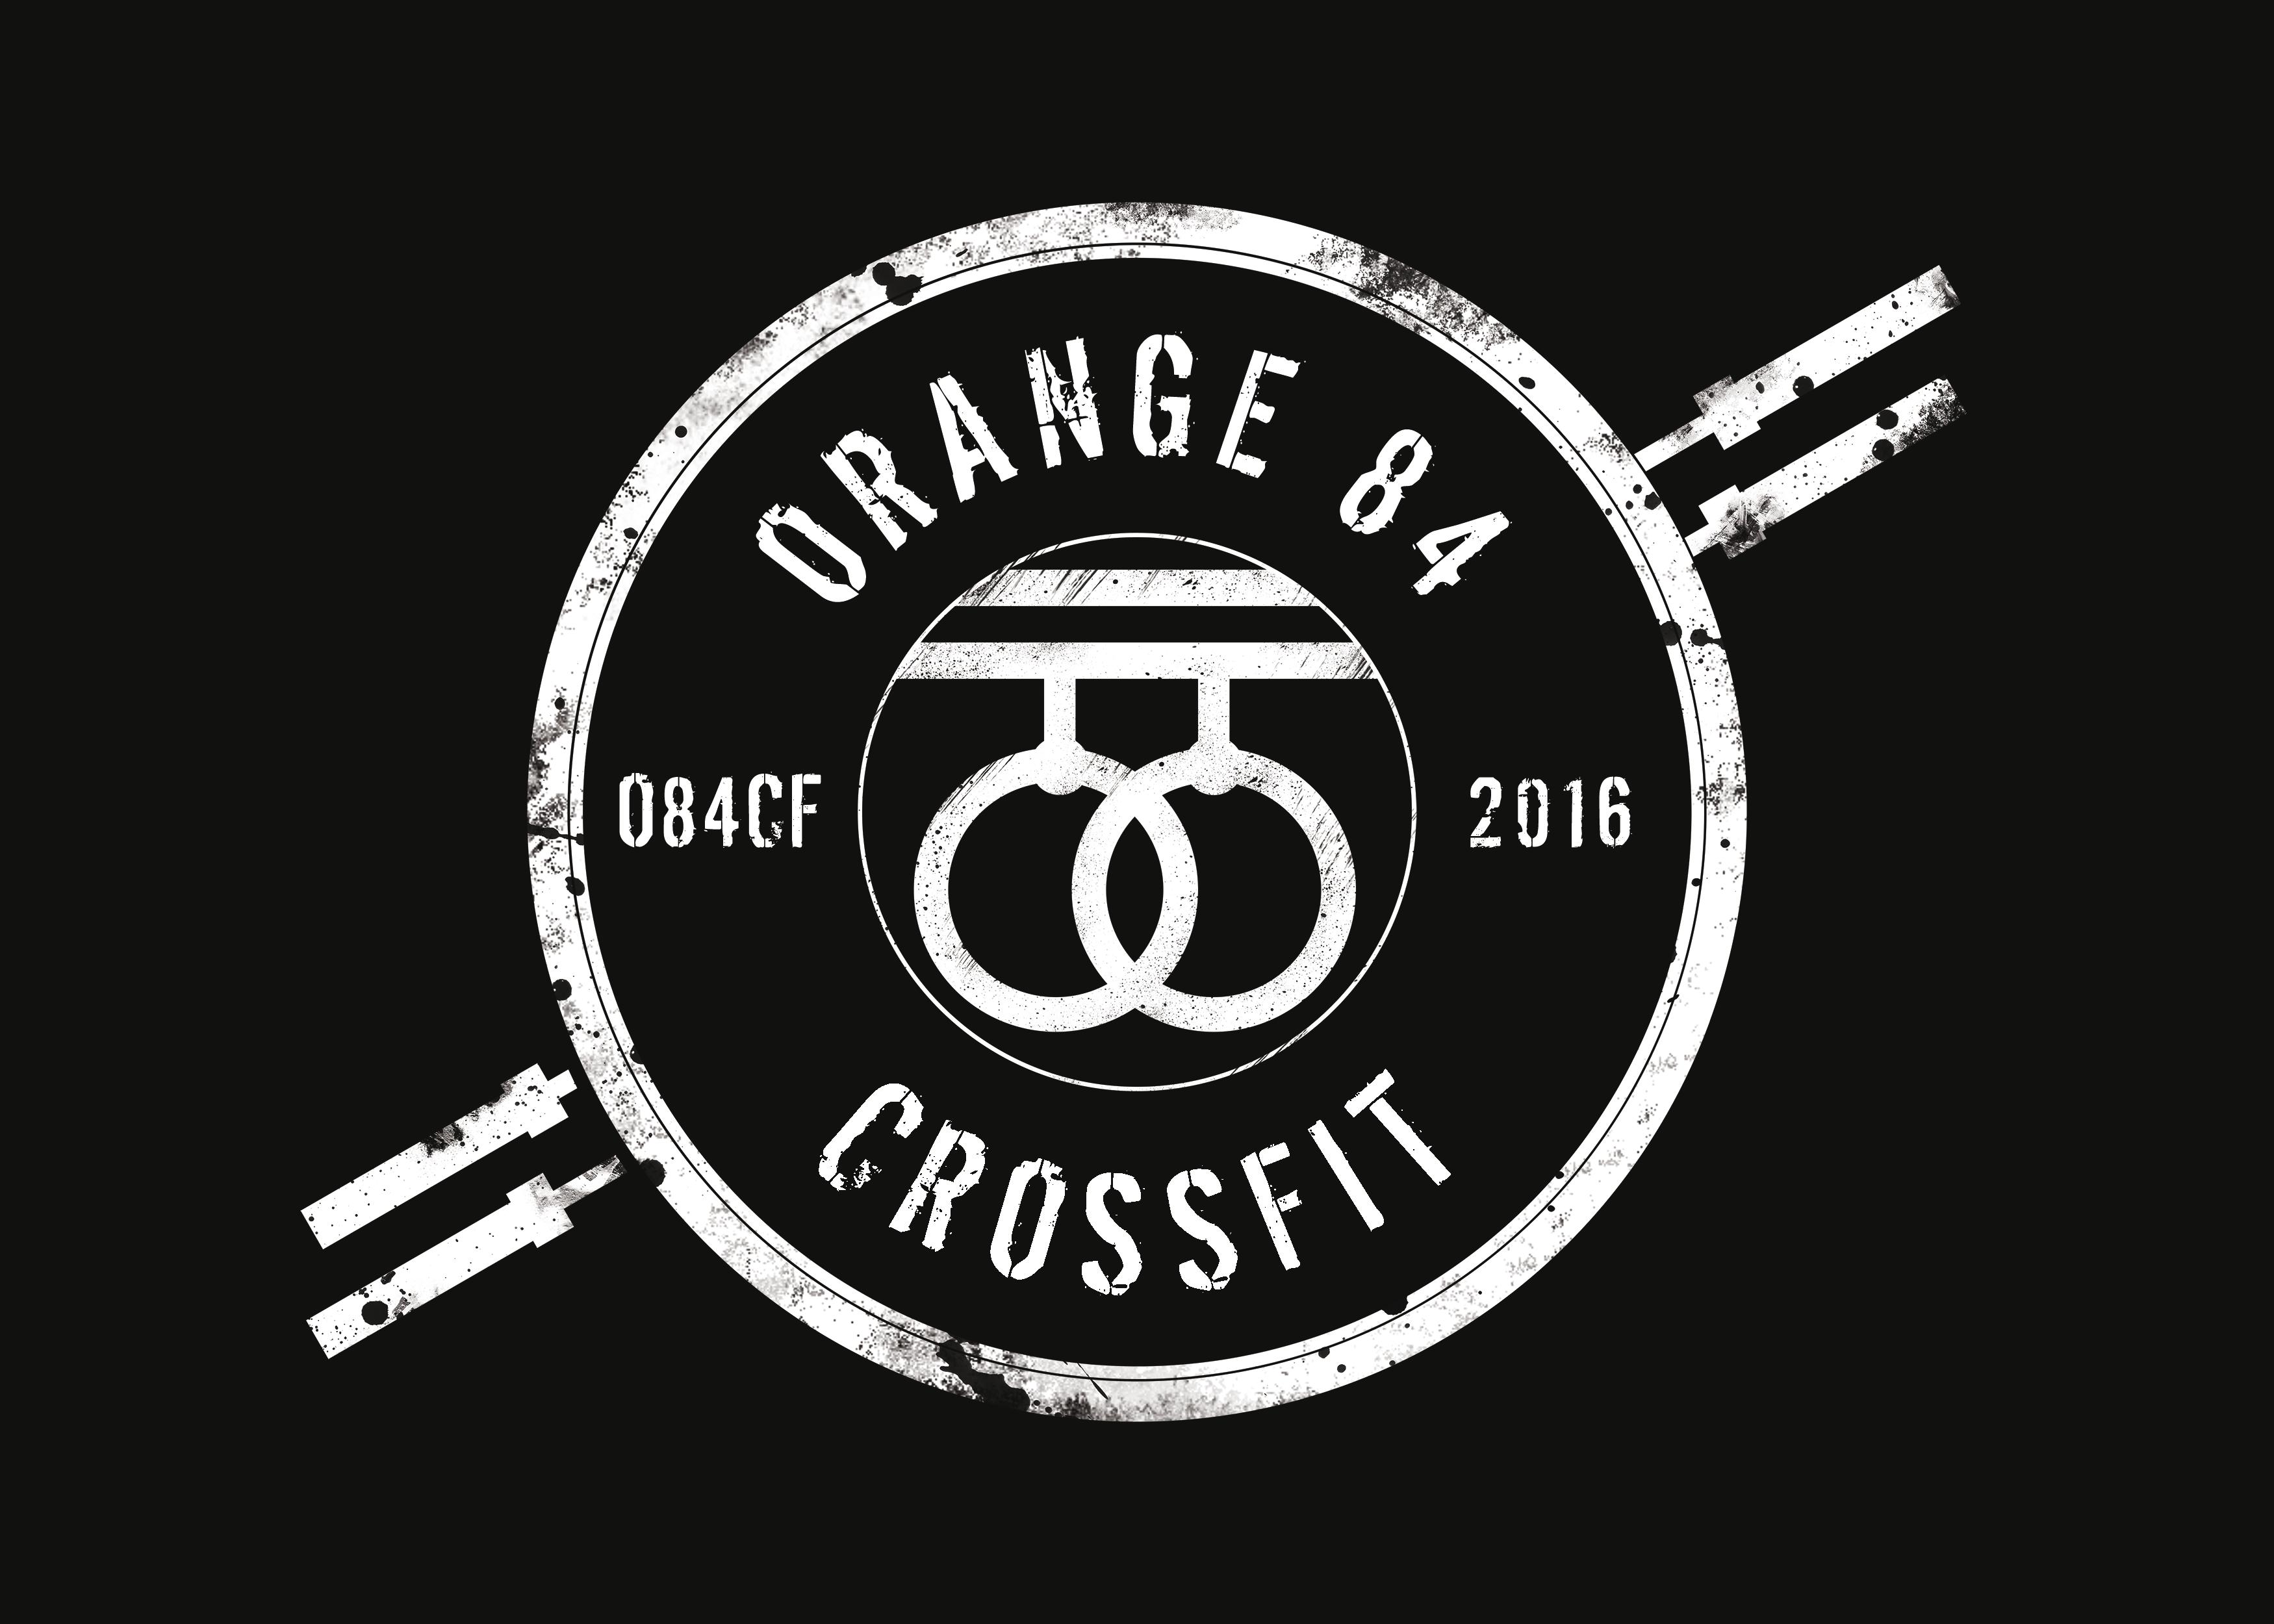 Crossfit Orange 84